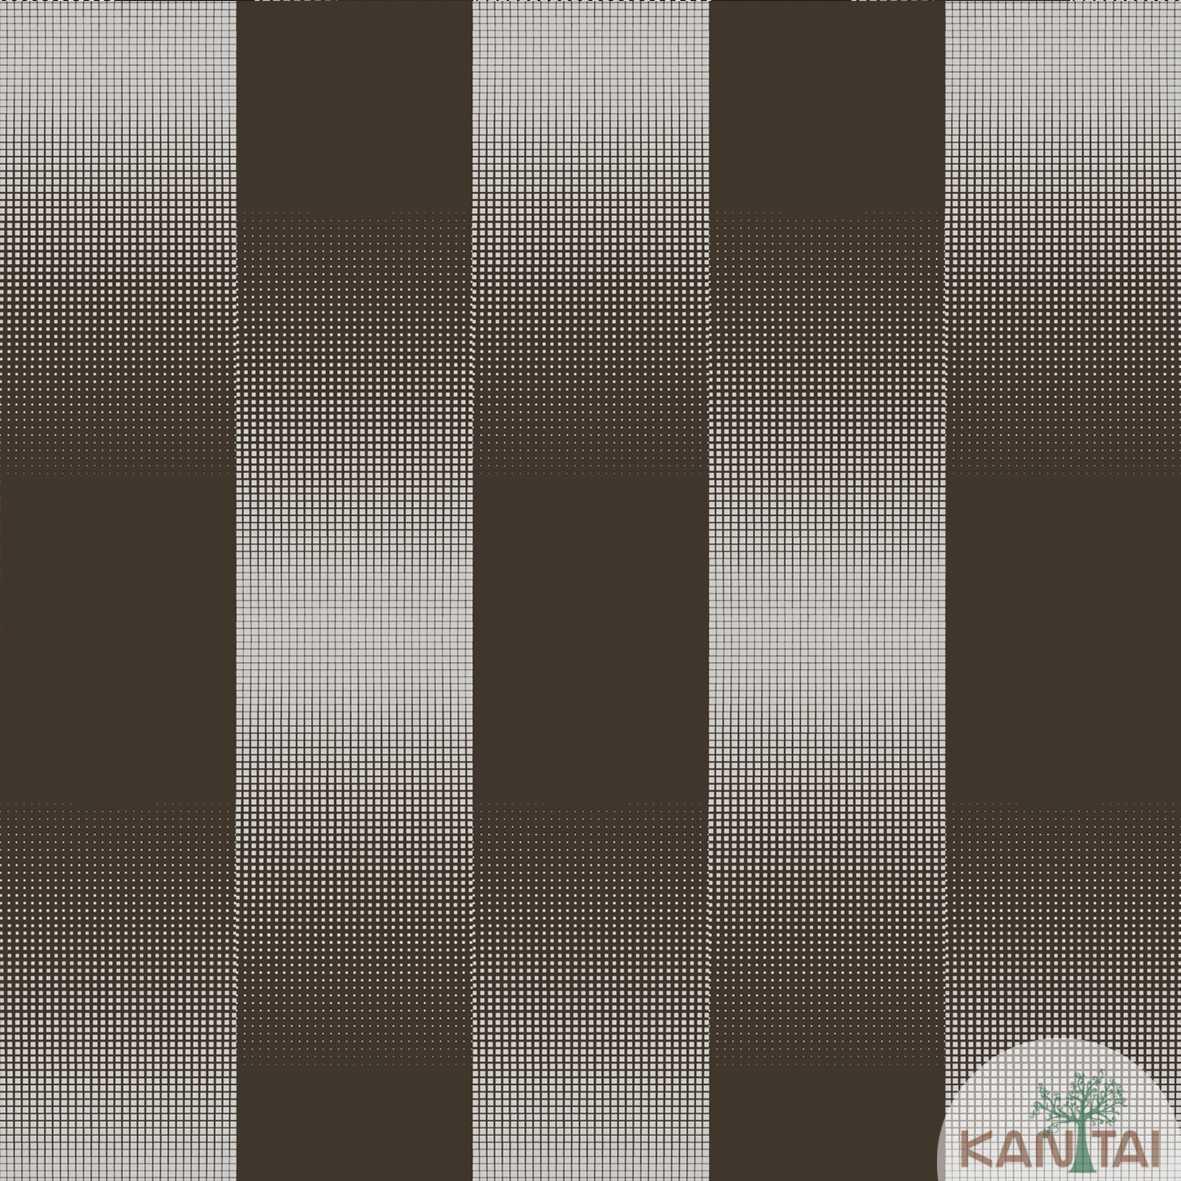 Papel de Parede   Kan Tai  Vinilico Coleção Neonature III Listrado Cinza, Prata, Marrom